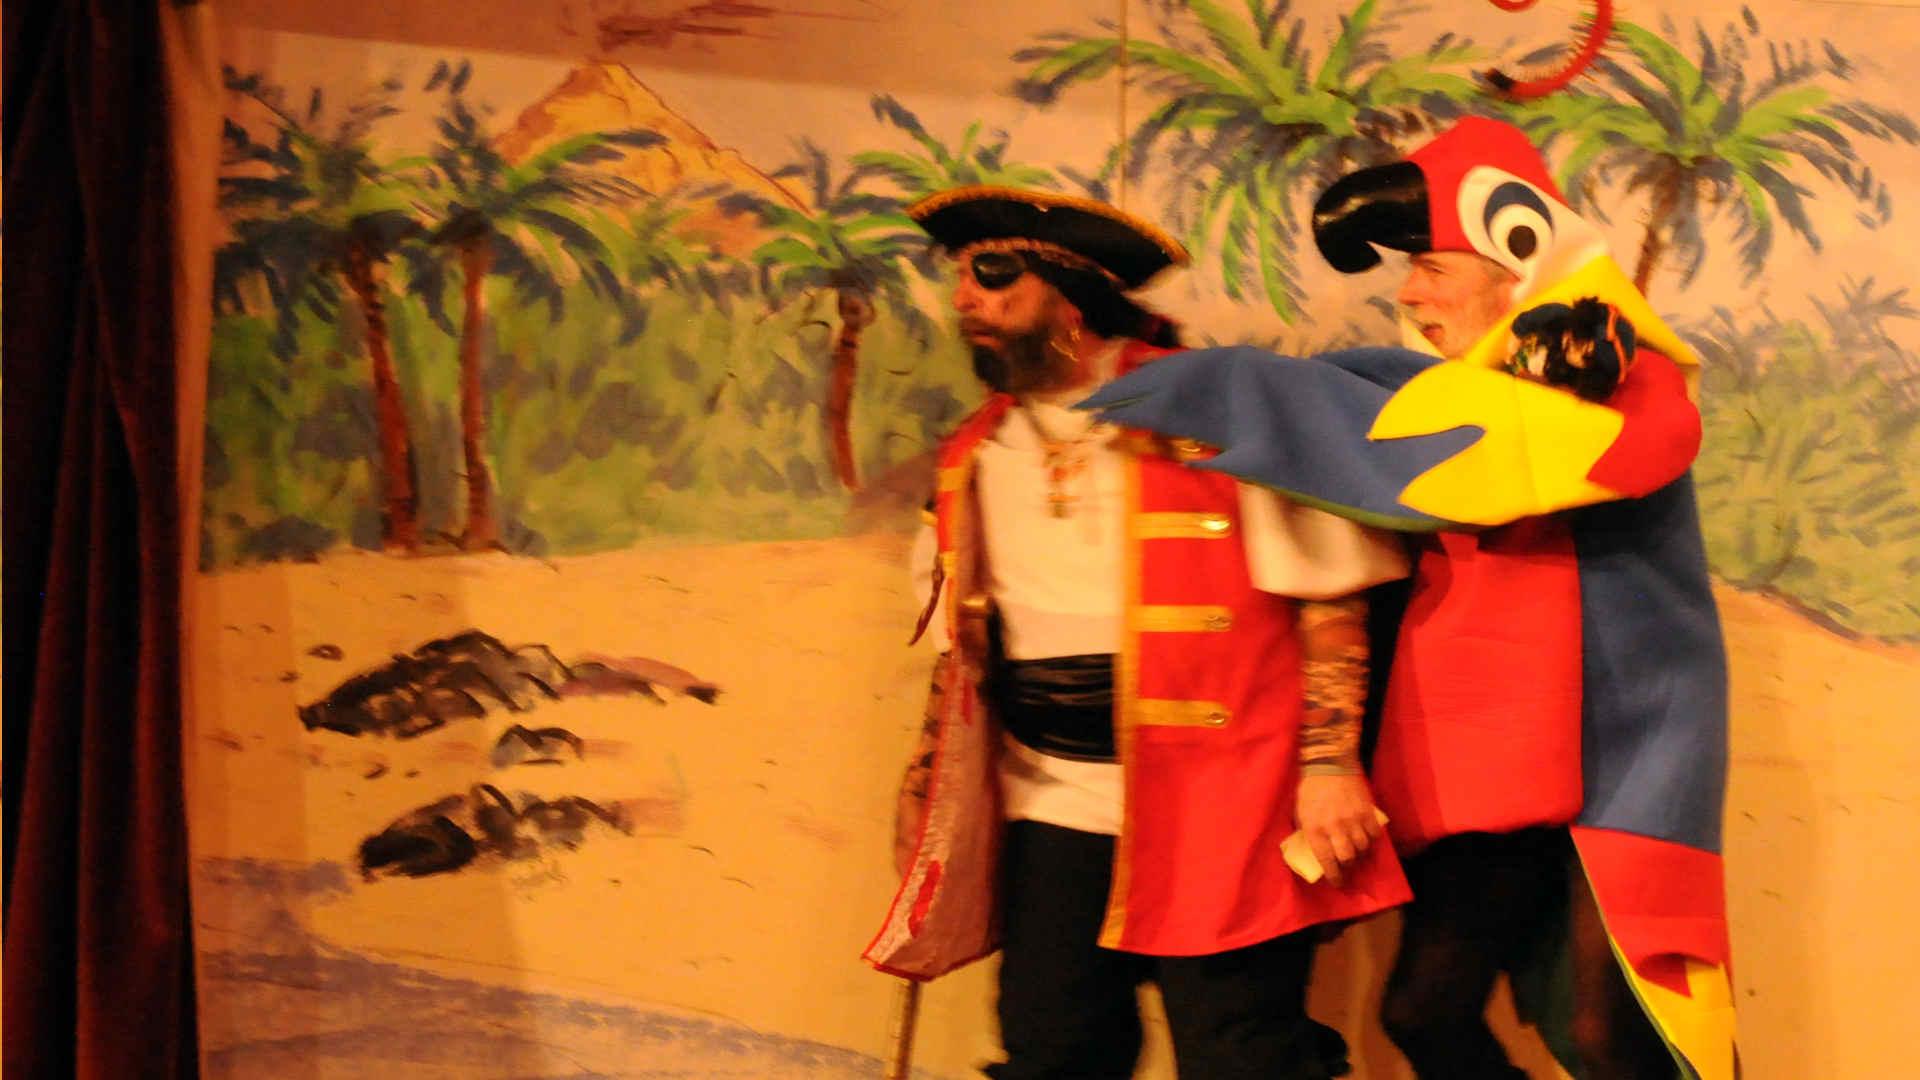 Treasure island 7